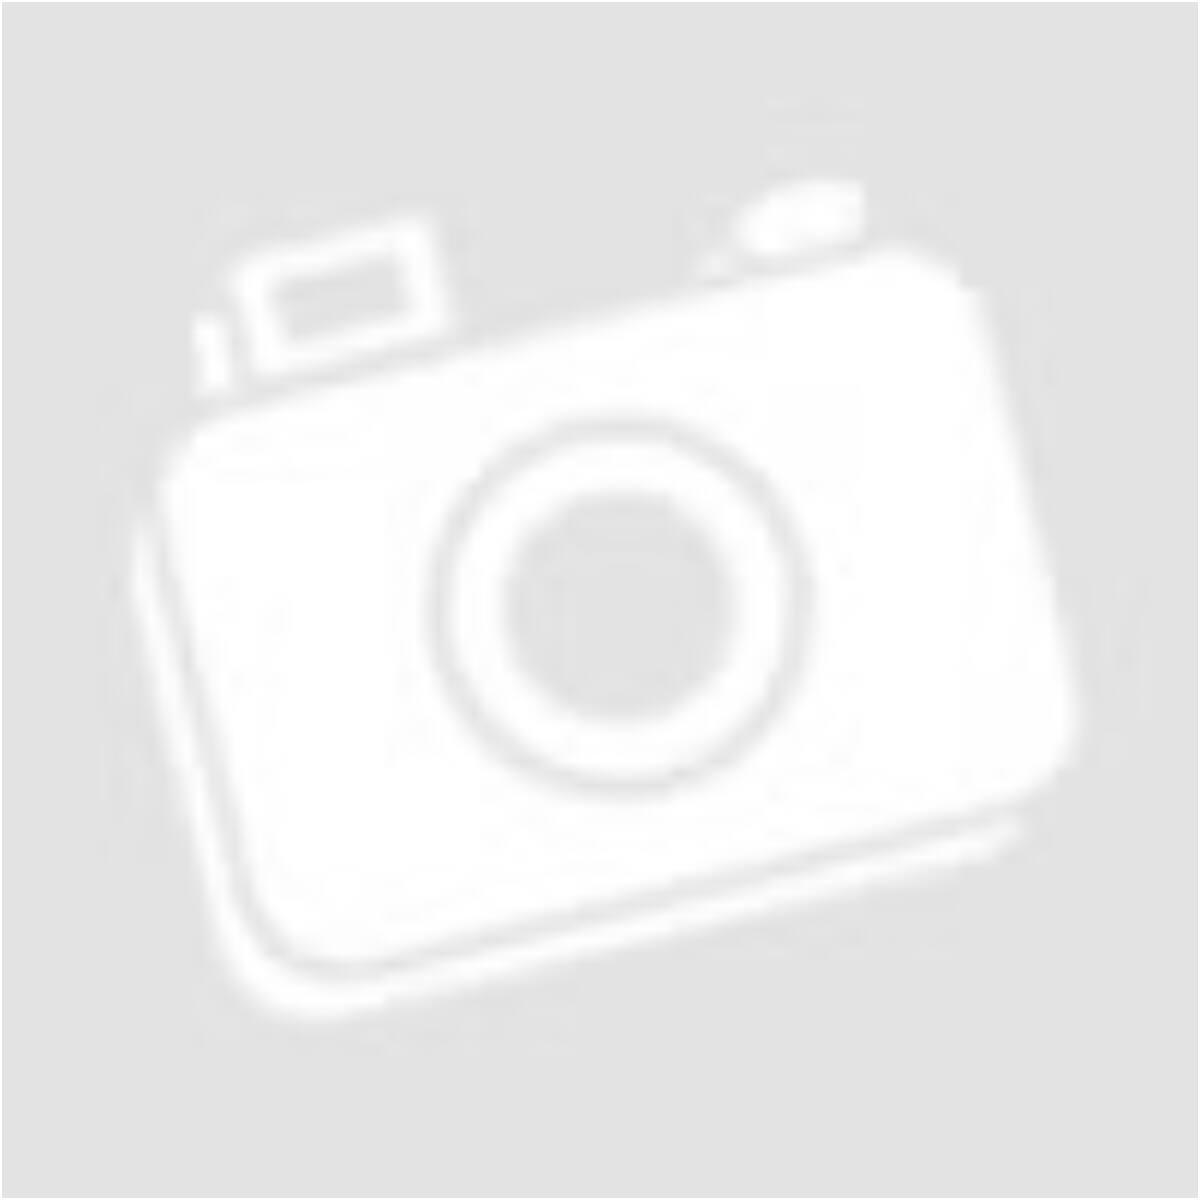 299c410a9c COLORADO átmeneti bőrdzseki #3073 - fekete - Átmeneti (őszi ...